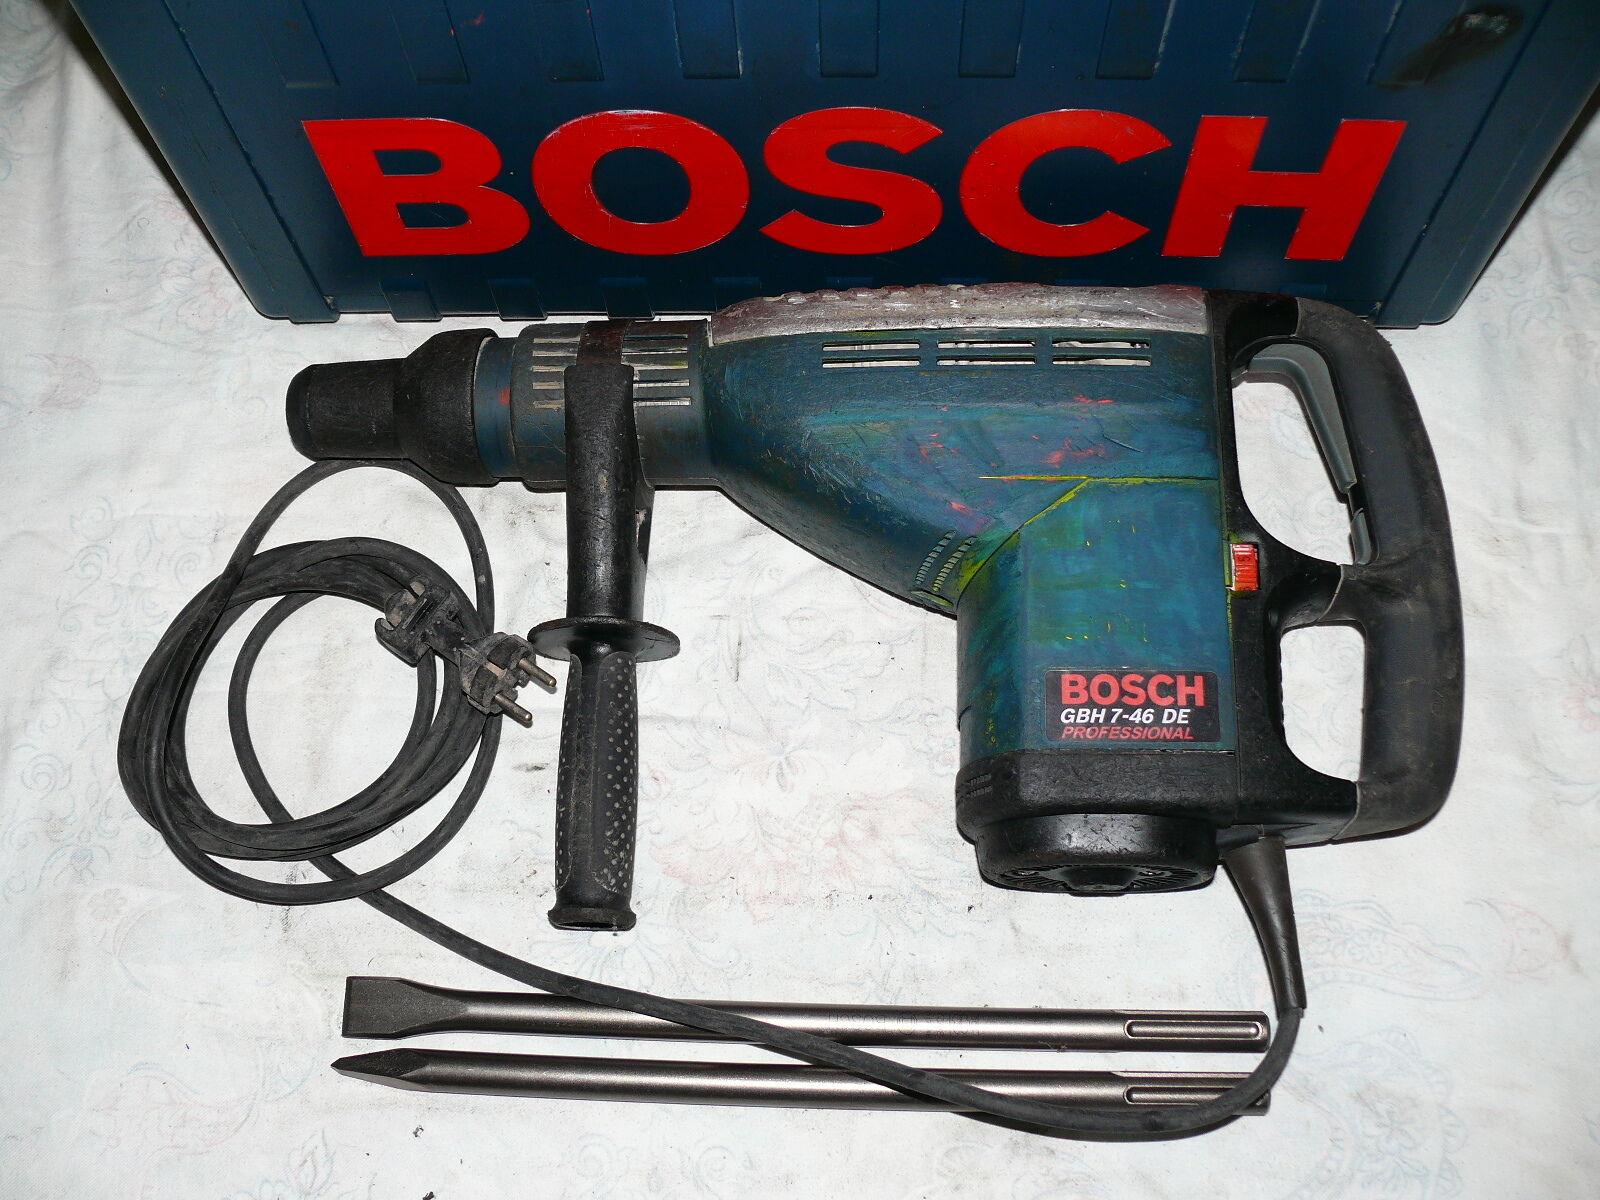 Bosch GBH 7-46 DE BOHRHAMMER MEISSELHAMMER KOMBIHAMMER ABBRUCHHAMMER